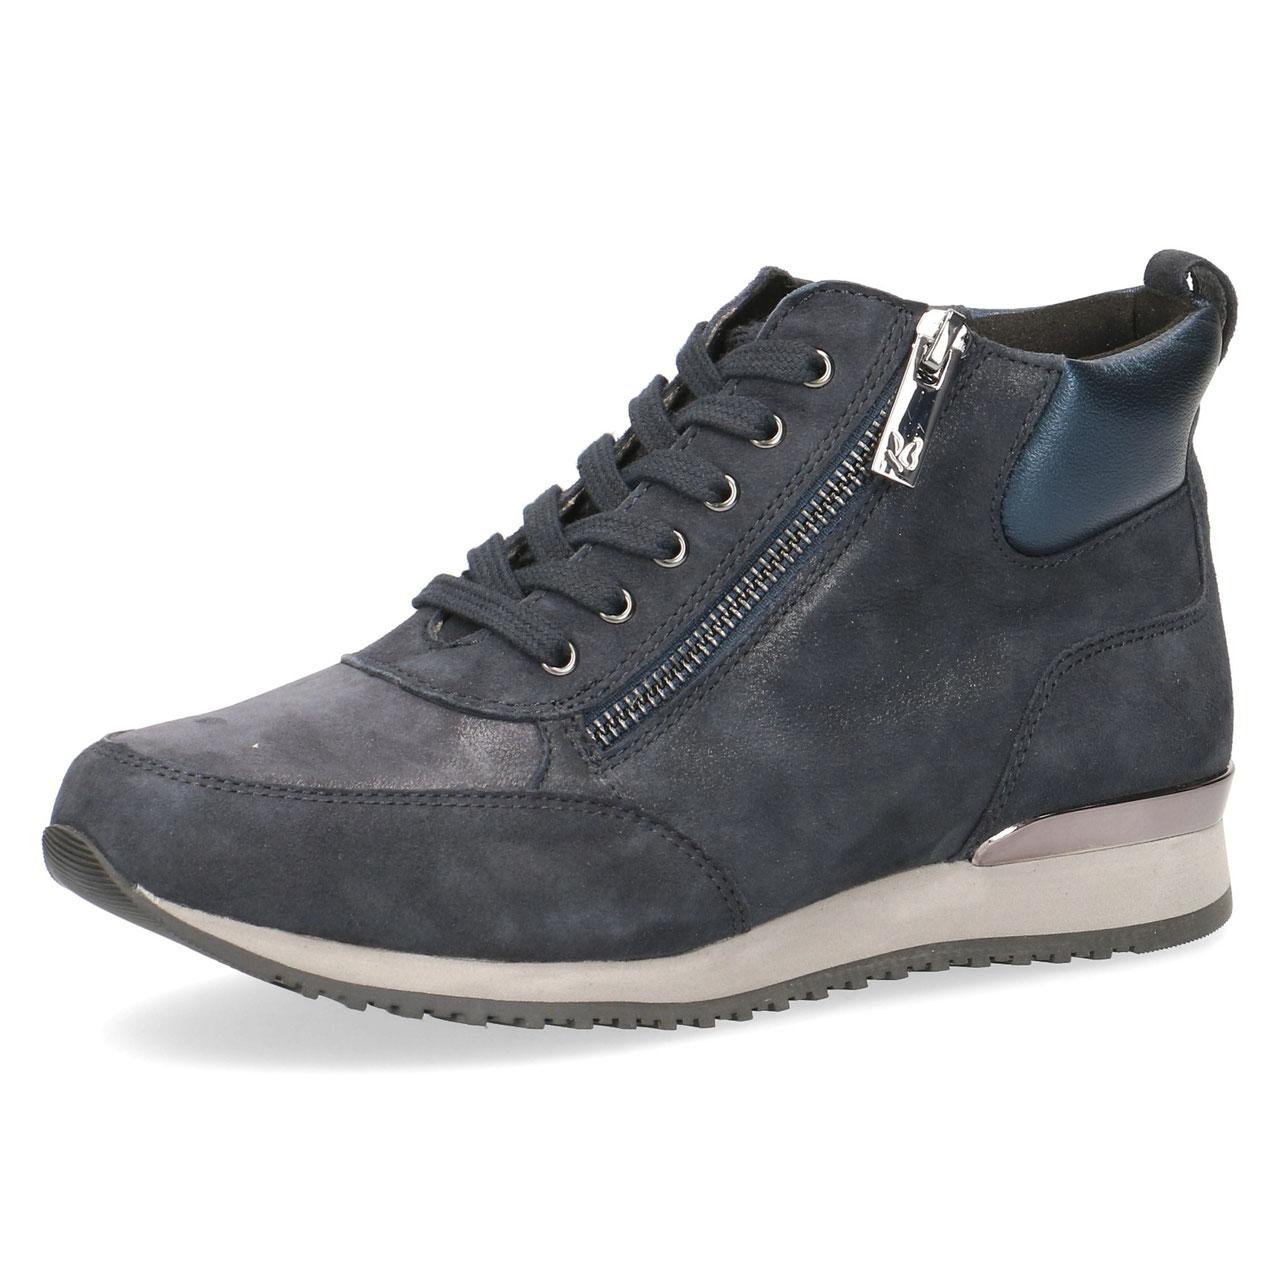 Stiefeletten warm Keilboden Schuhfachgeschäft & Schuhe